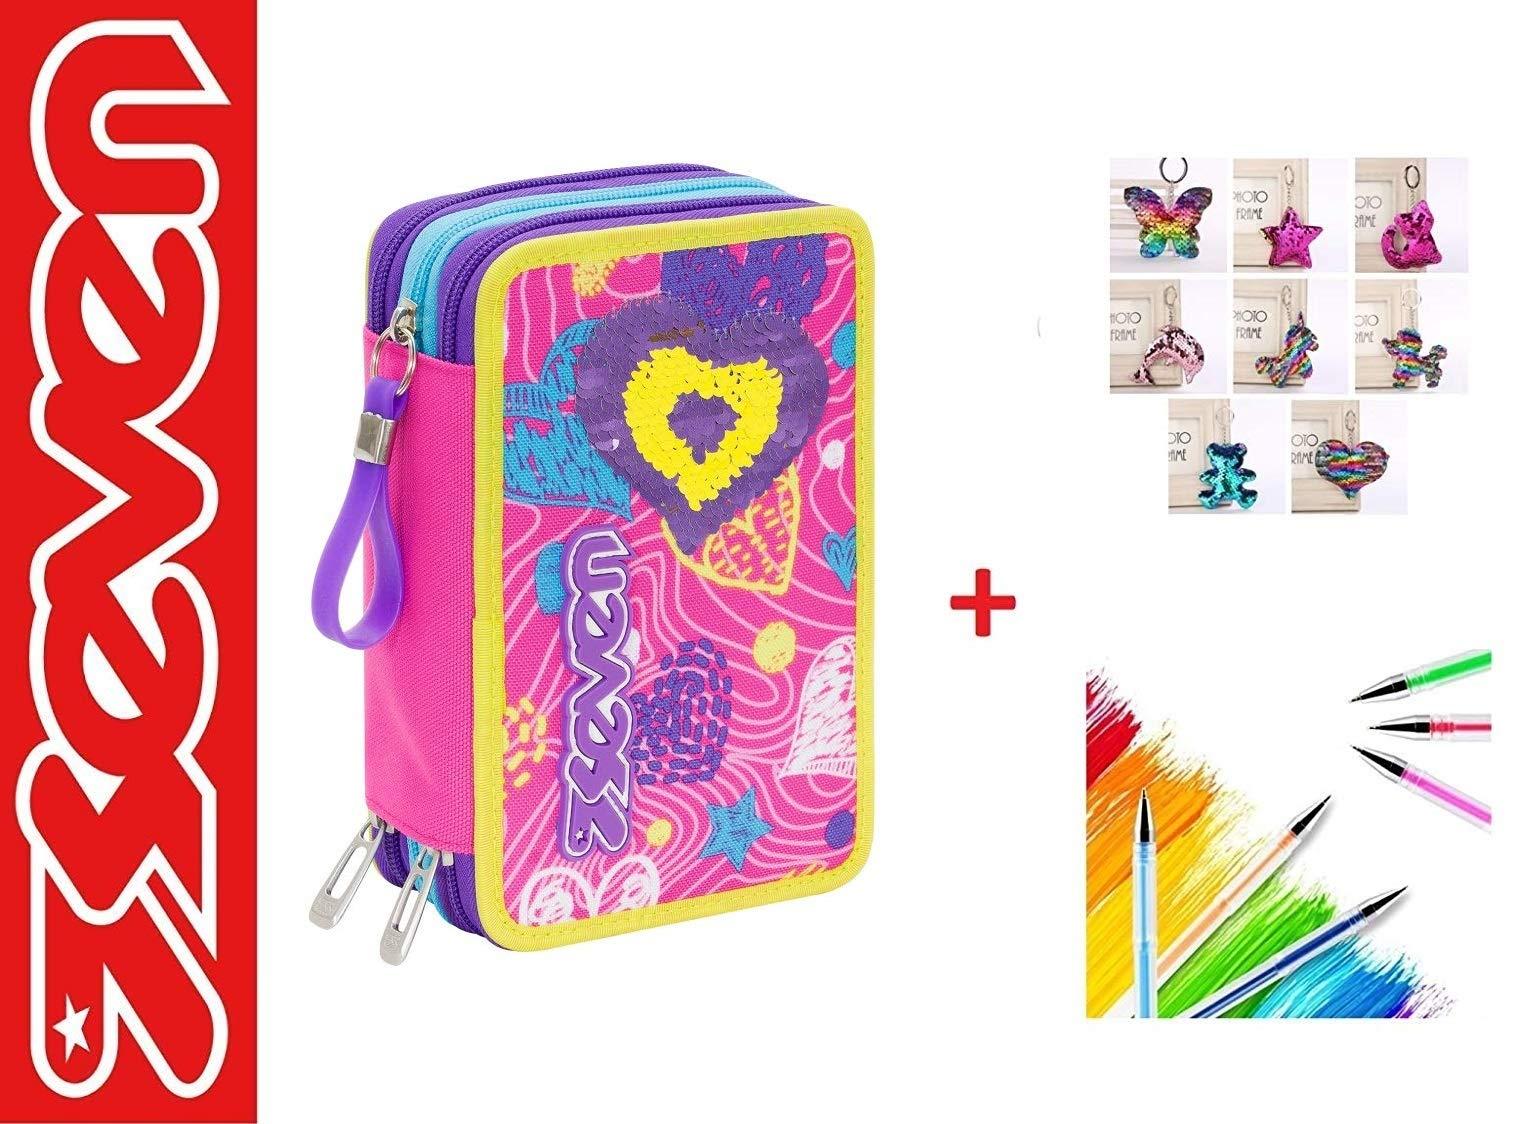 Estuche Seven Shineheart fucsia escolar de 3 pisos completo + llavero con brillos + bolígrafo de colores y marcapáginas